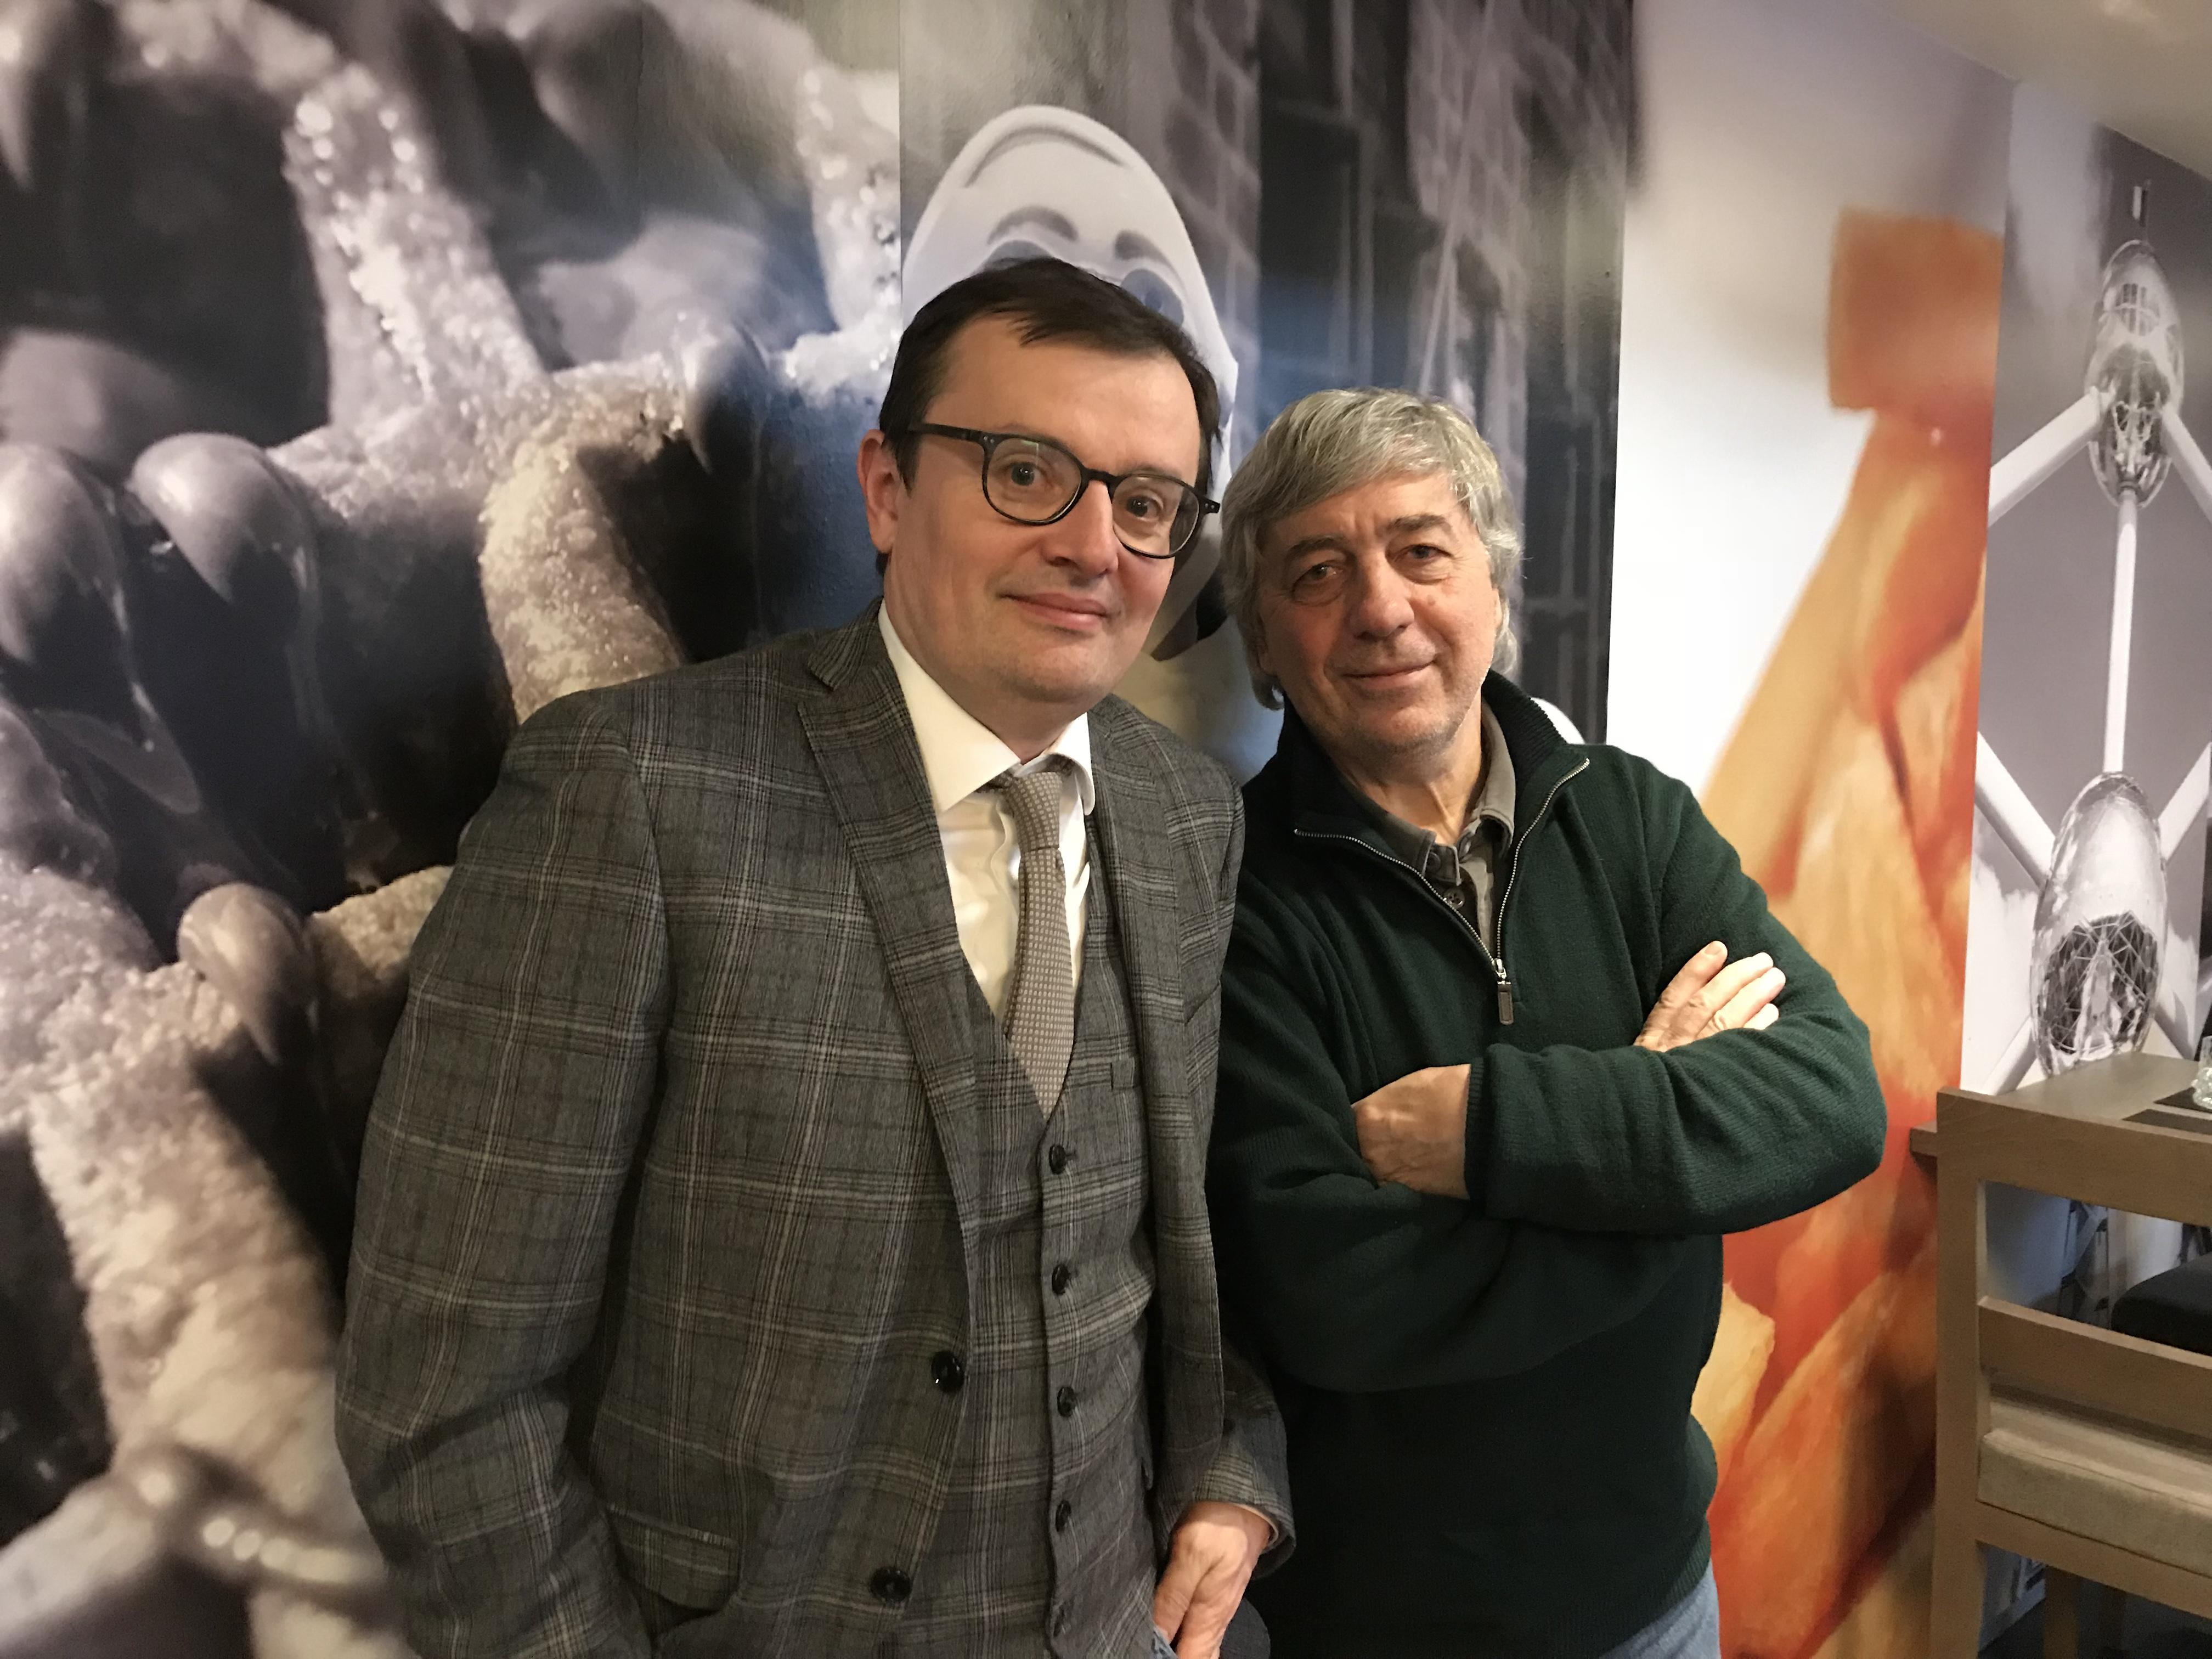 Sorj Chalandon et Sébastien Gnaedig chez Sauramps à Montpellier pour Profession du père le 21 avril